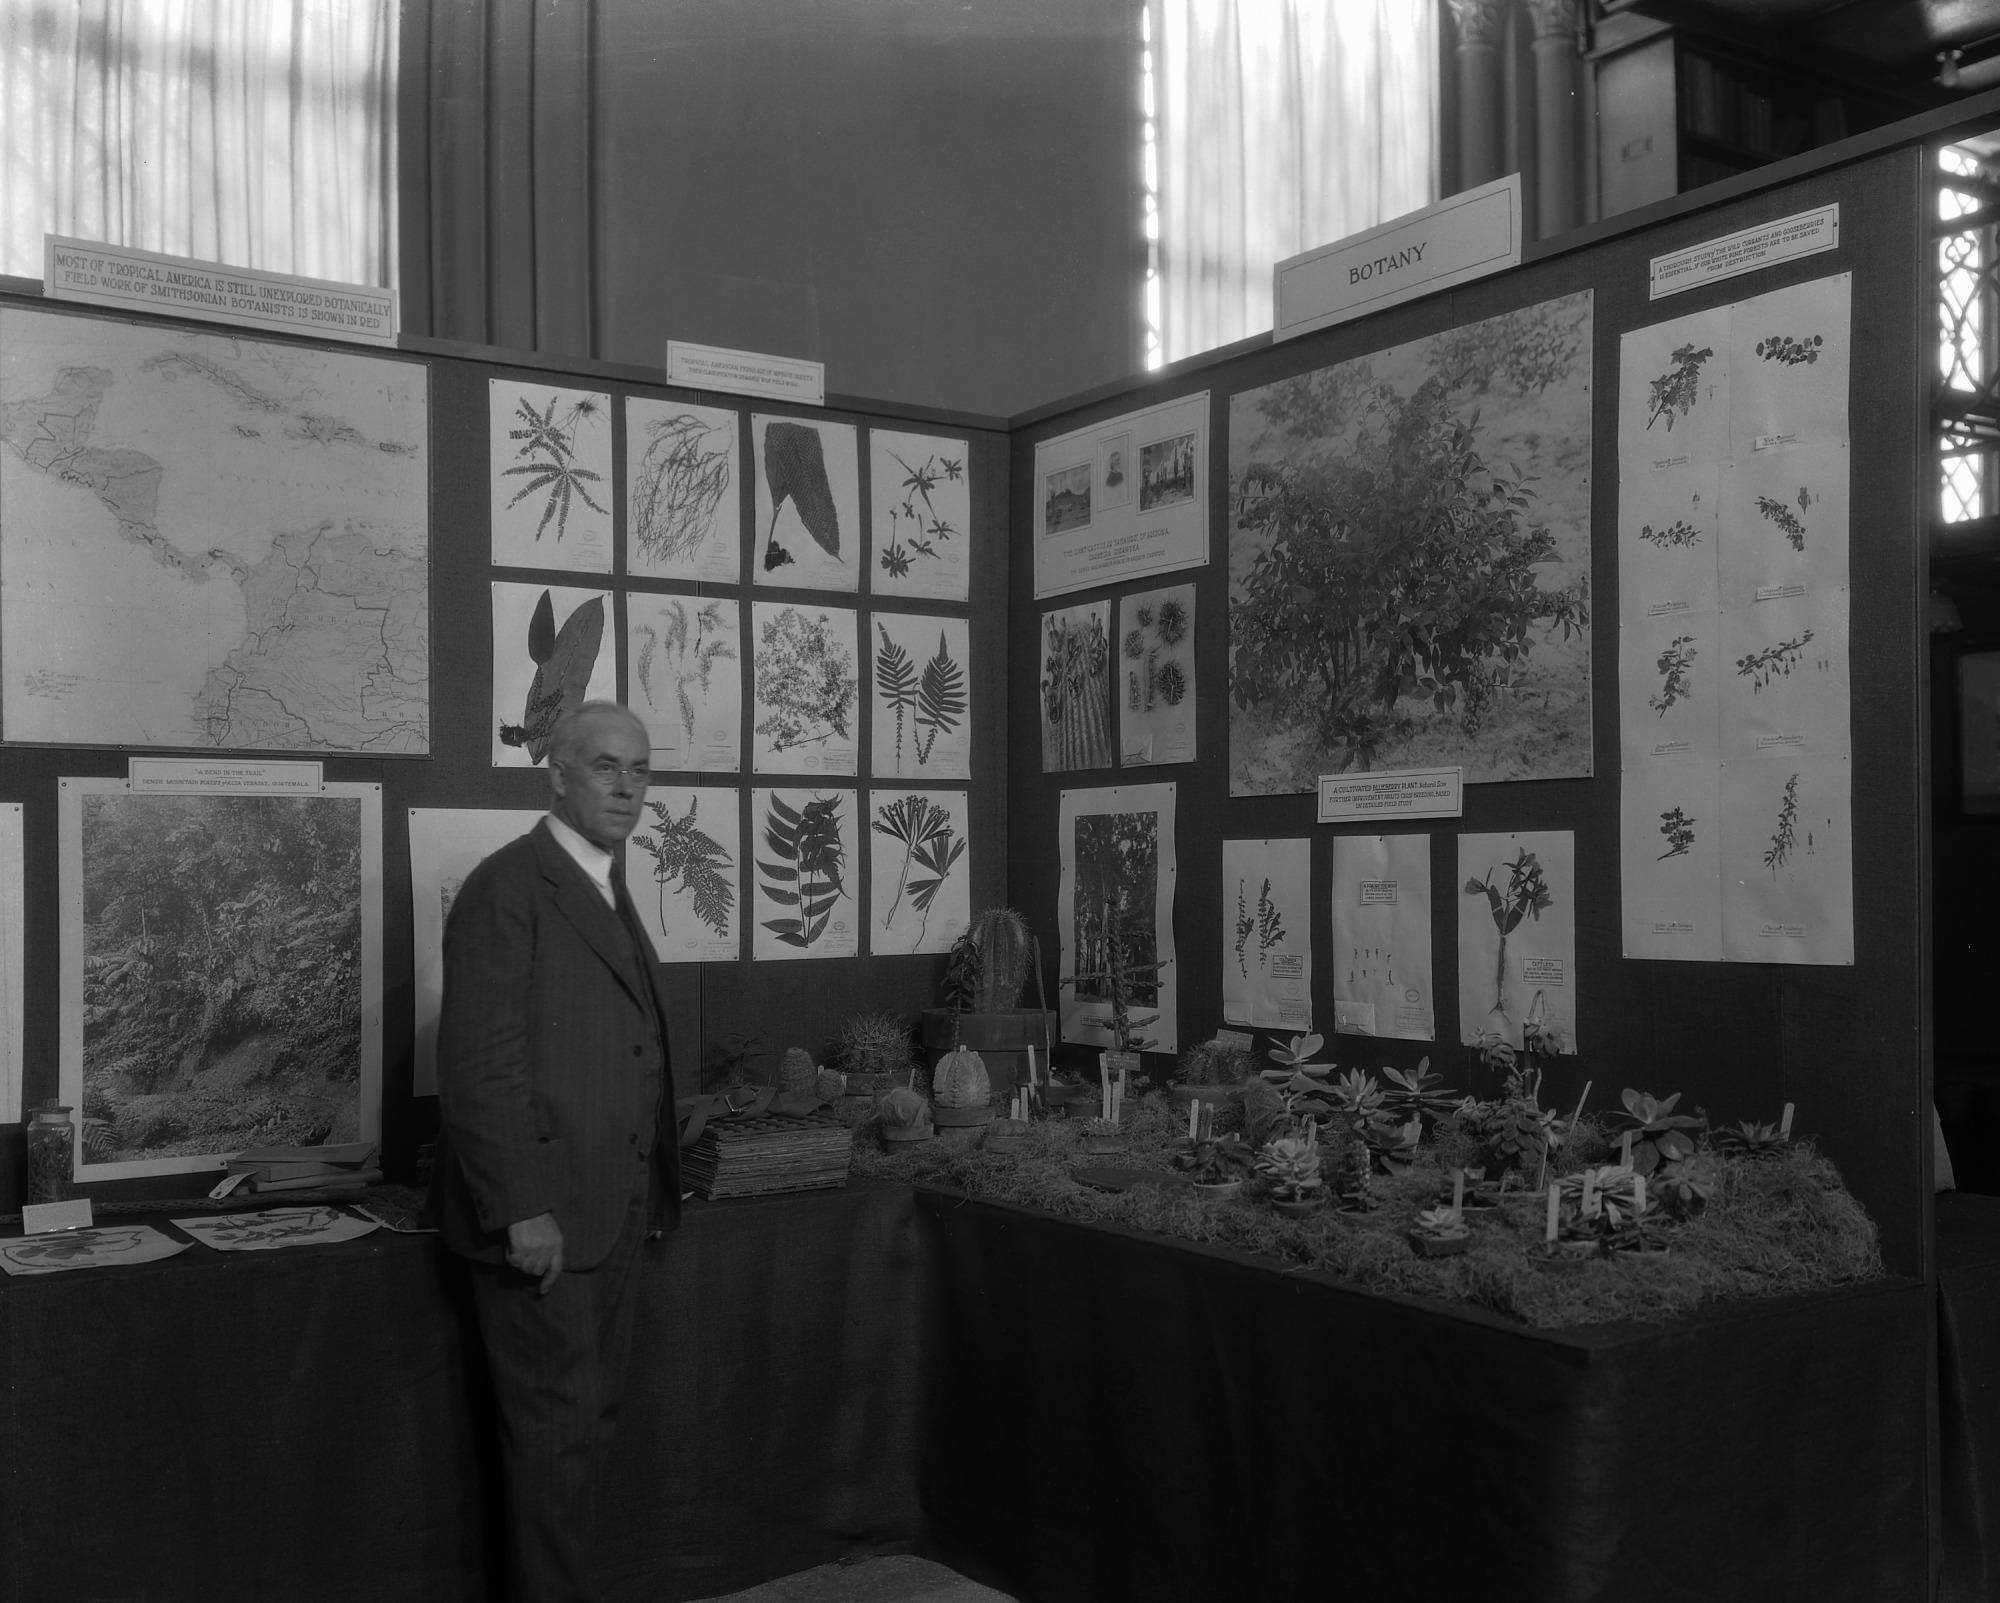 Herbarium Exhibit, Conference on Future